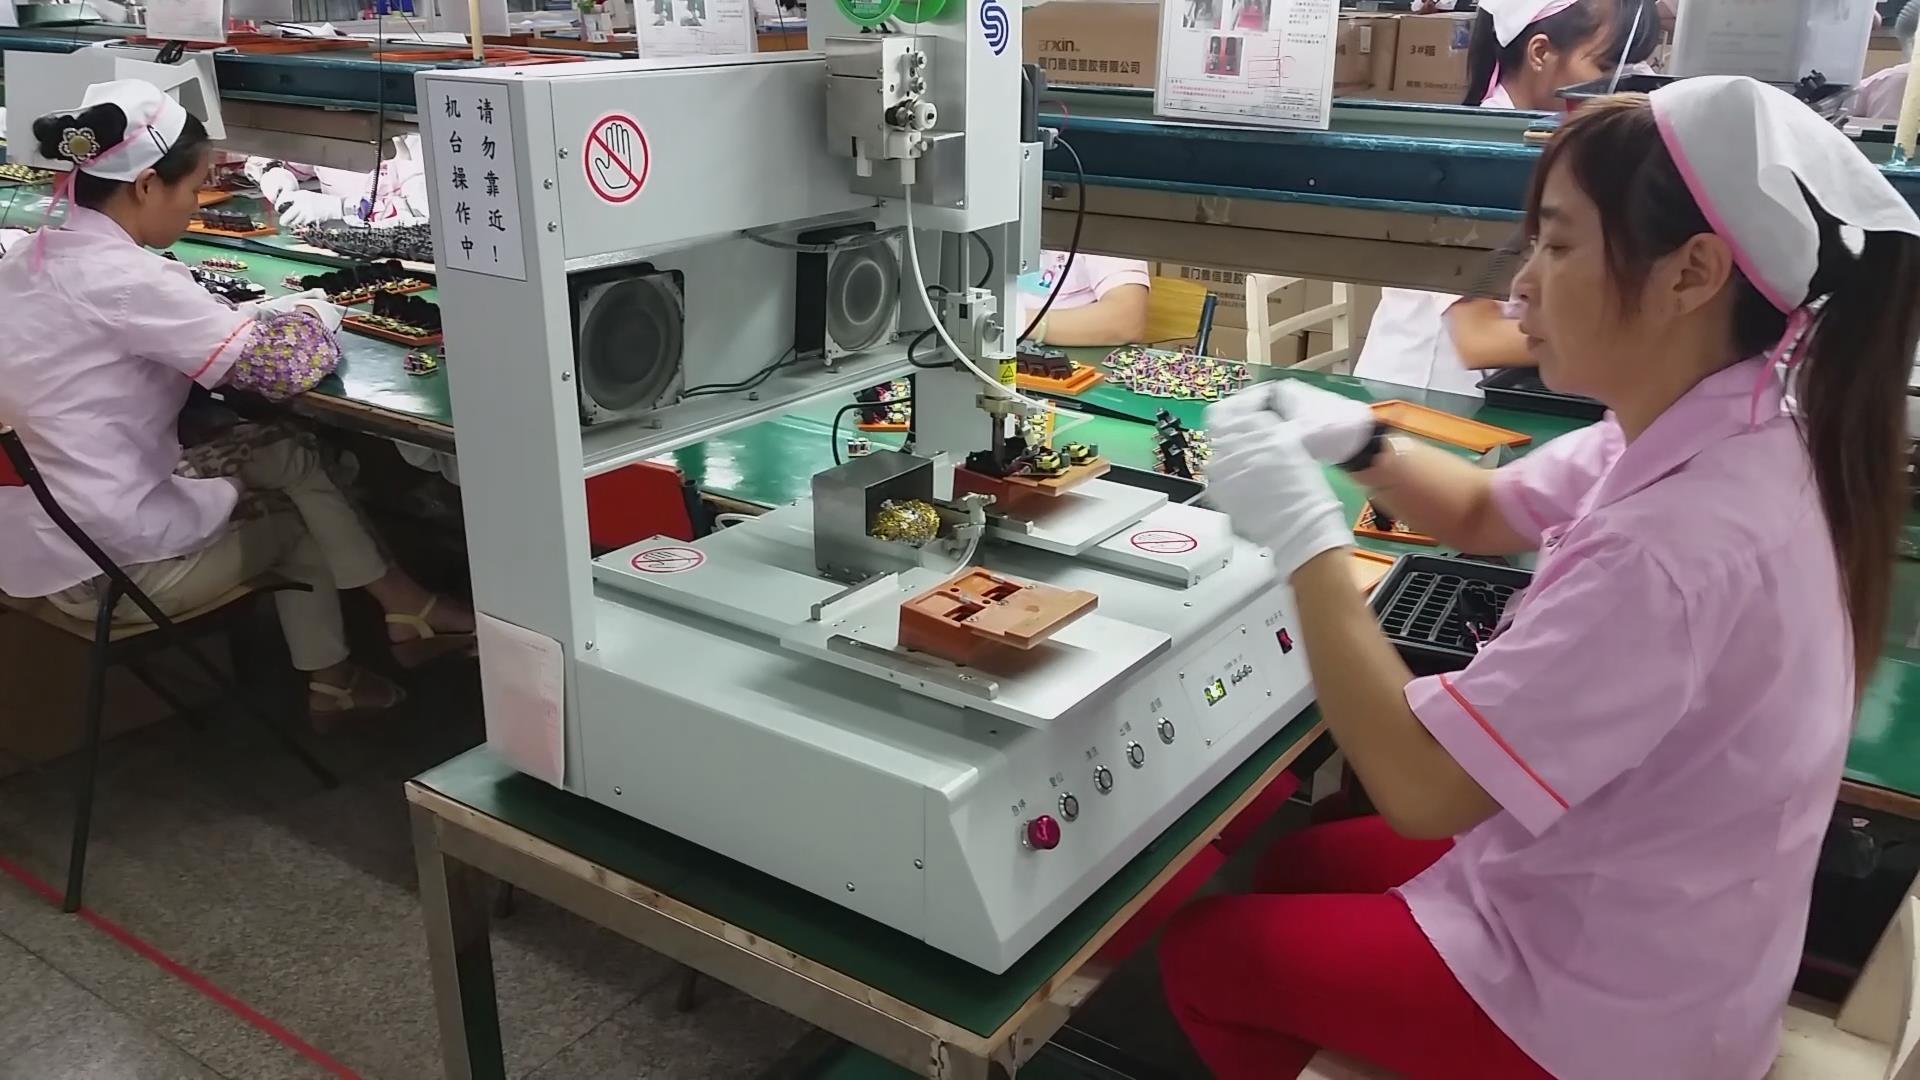 自动焊锡机焊接电路板等精细电子产品时,为使焊接牢靠,一般采用以松香